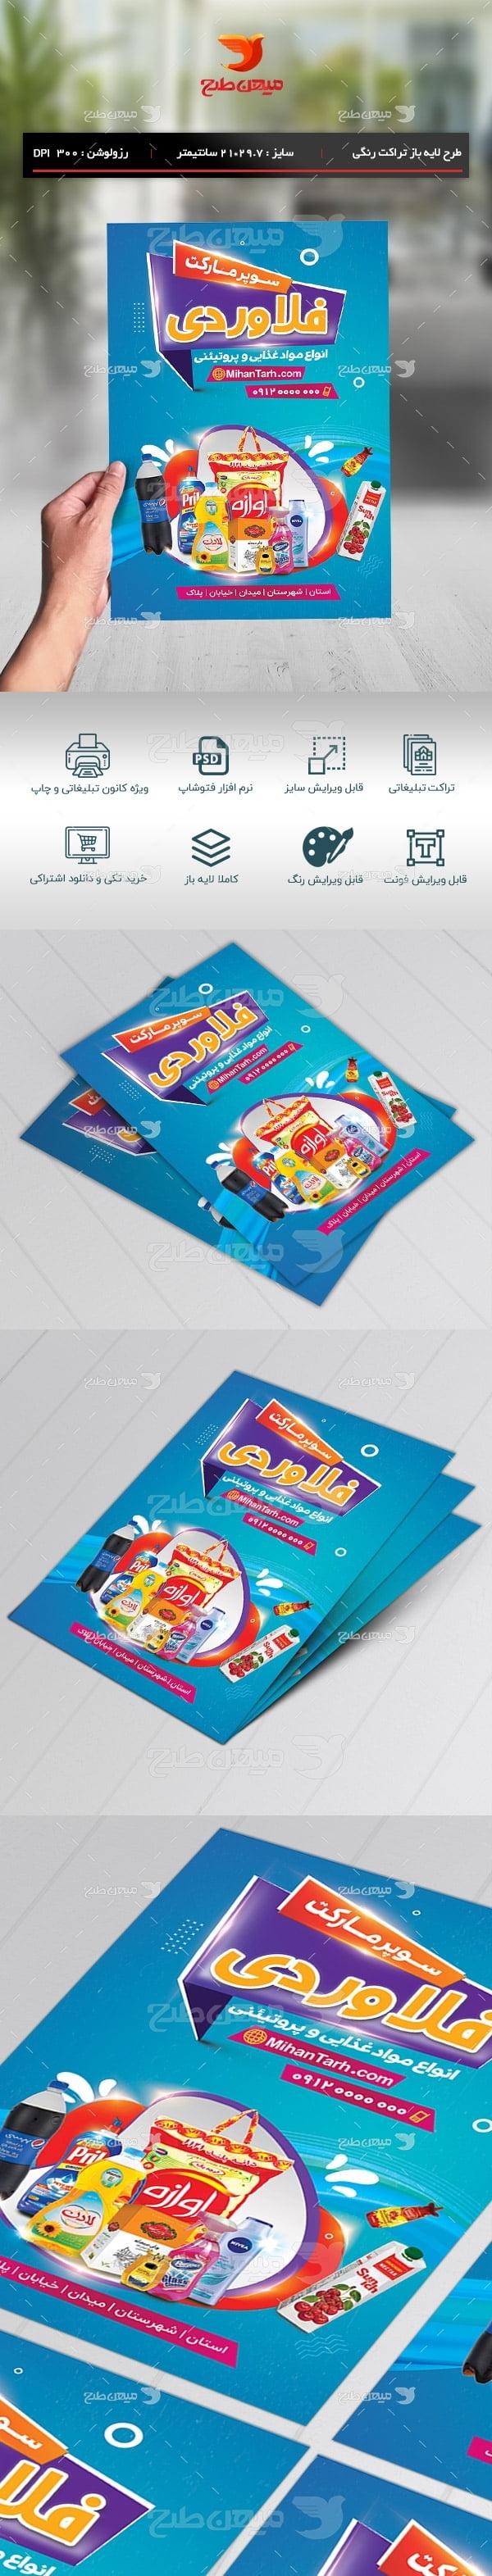 تراکت رنگی سوپر مارکت مواد غذایی و پروتئینی